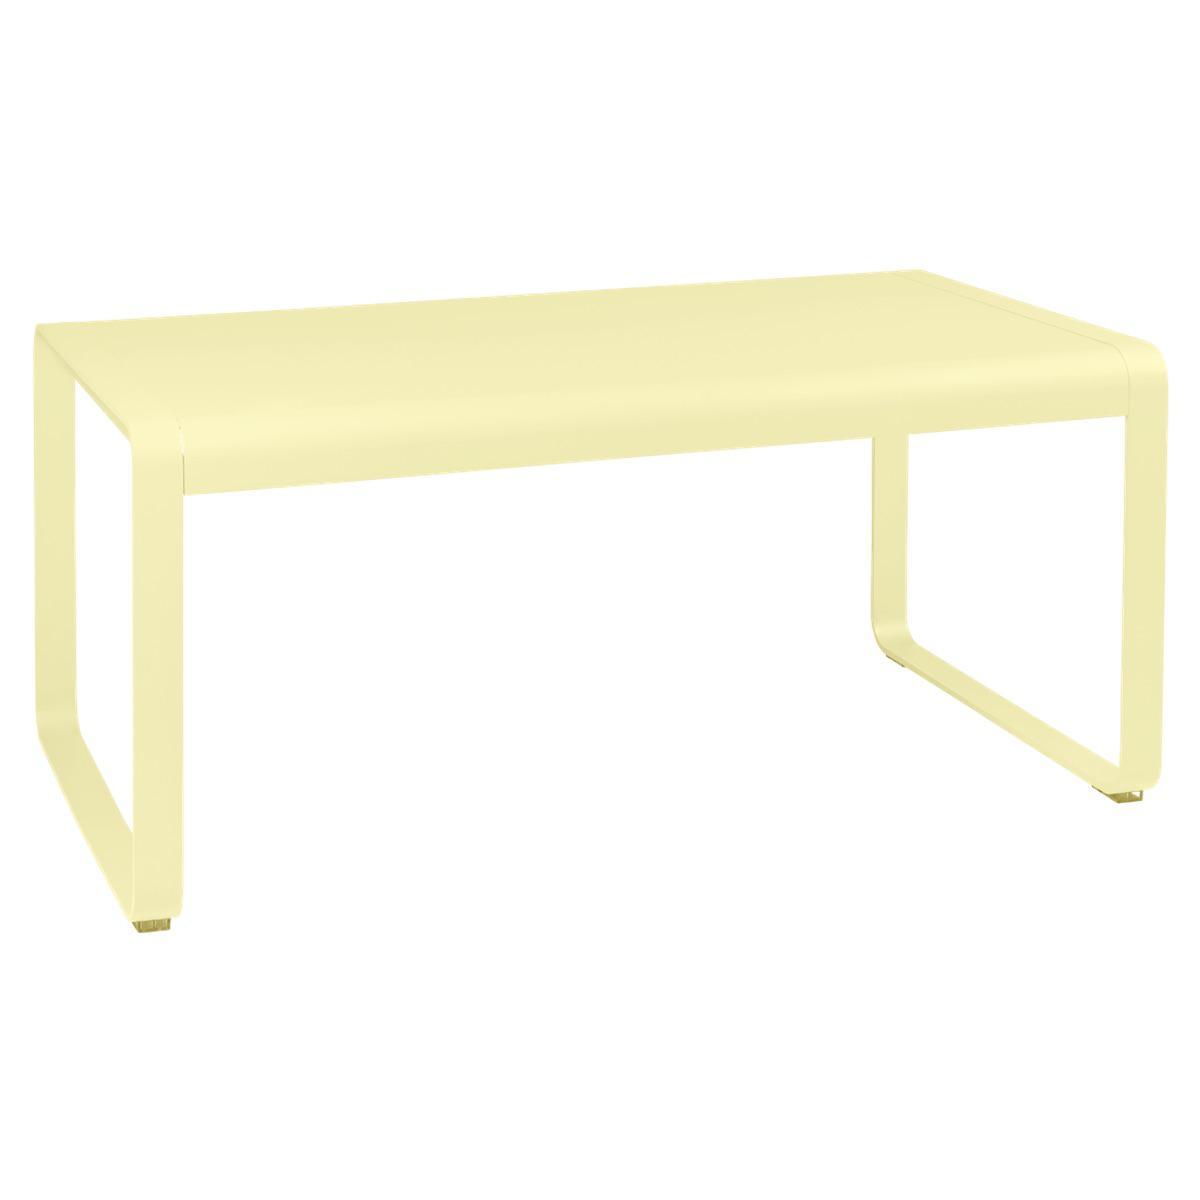 Table de jardin mi-hauteur 80x140cm BELLEVIE Fermob citron givré